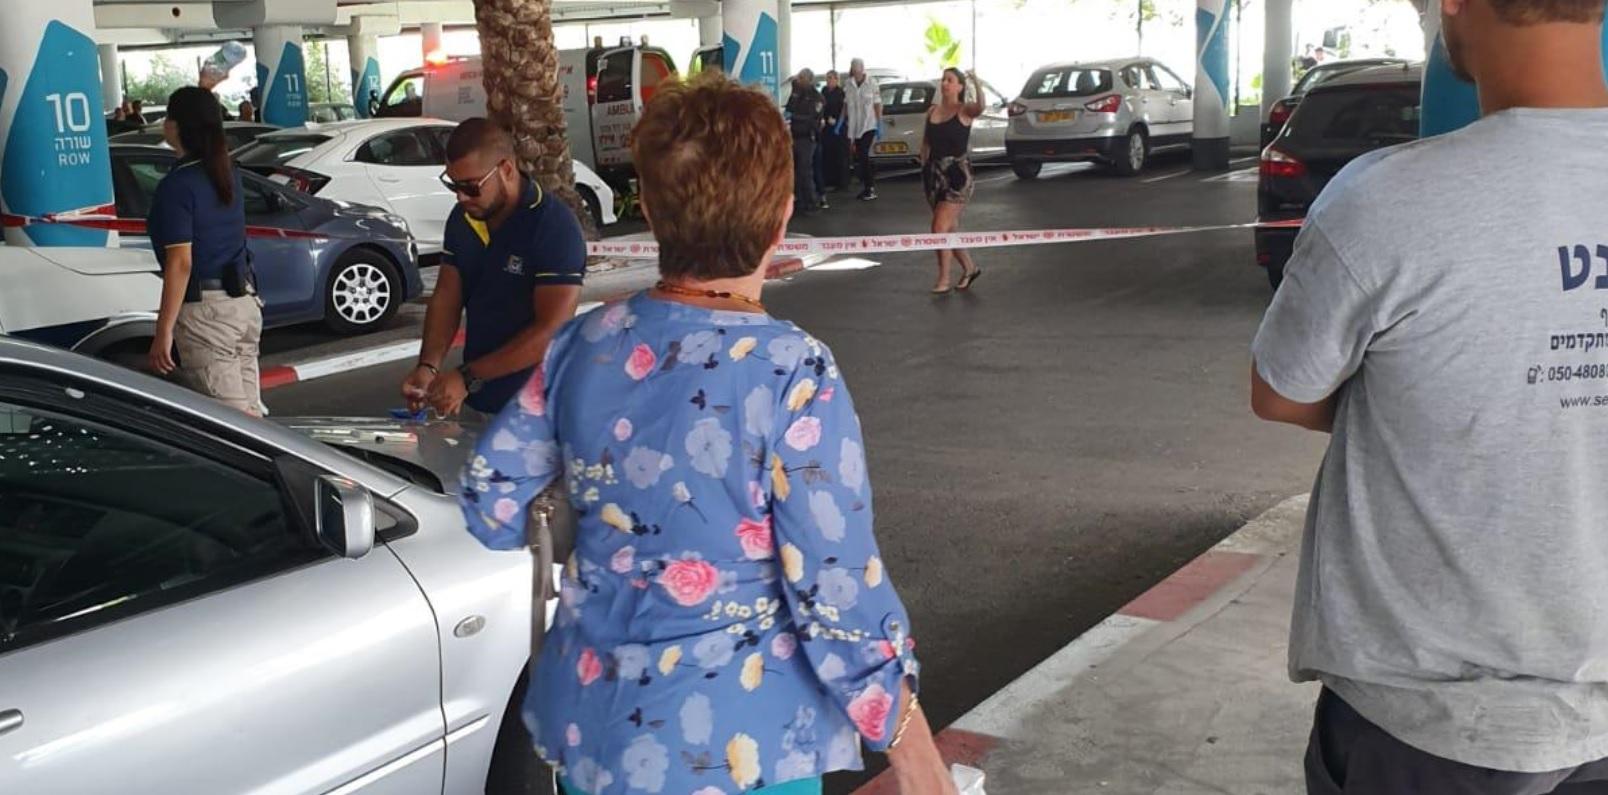 הירי בחניון קניון עזריאלי בלוד. צילום: רשת פייסבוקזירת